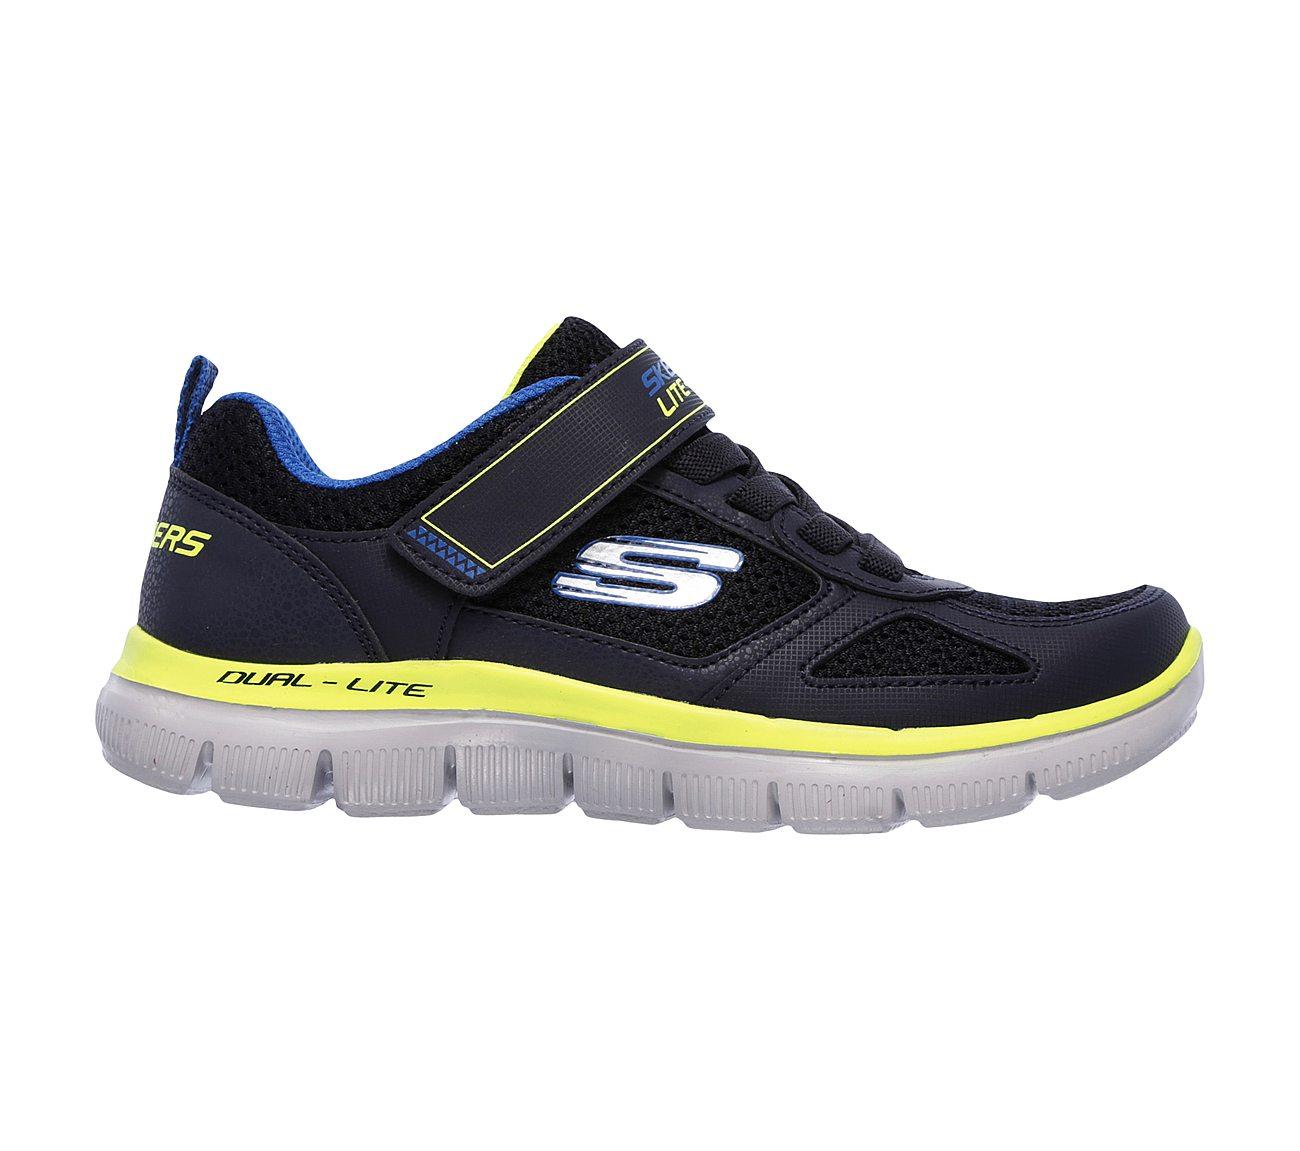 SKECHERS Flex Advantage 2.0 Sneaker navylime